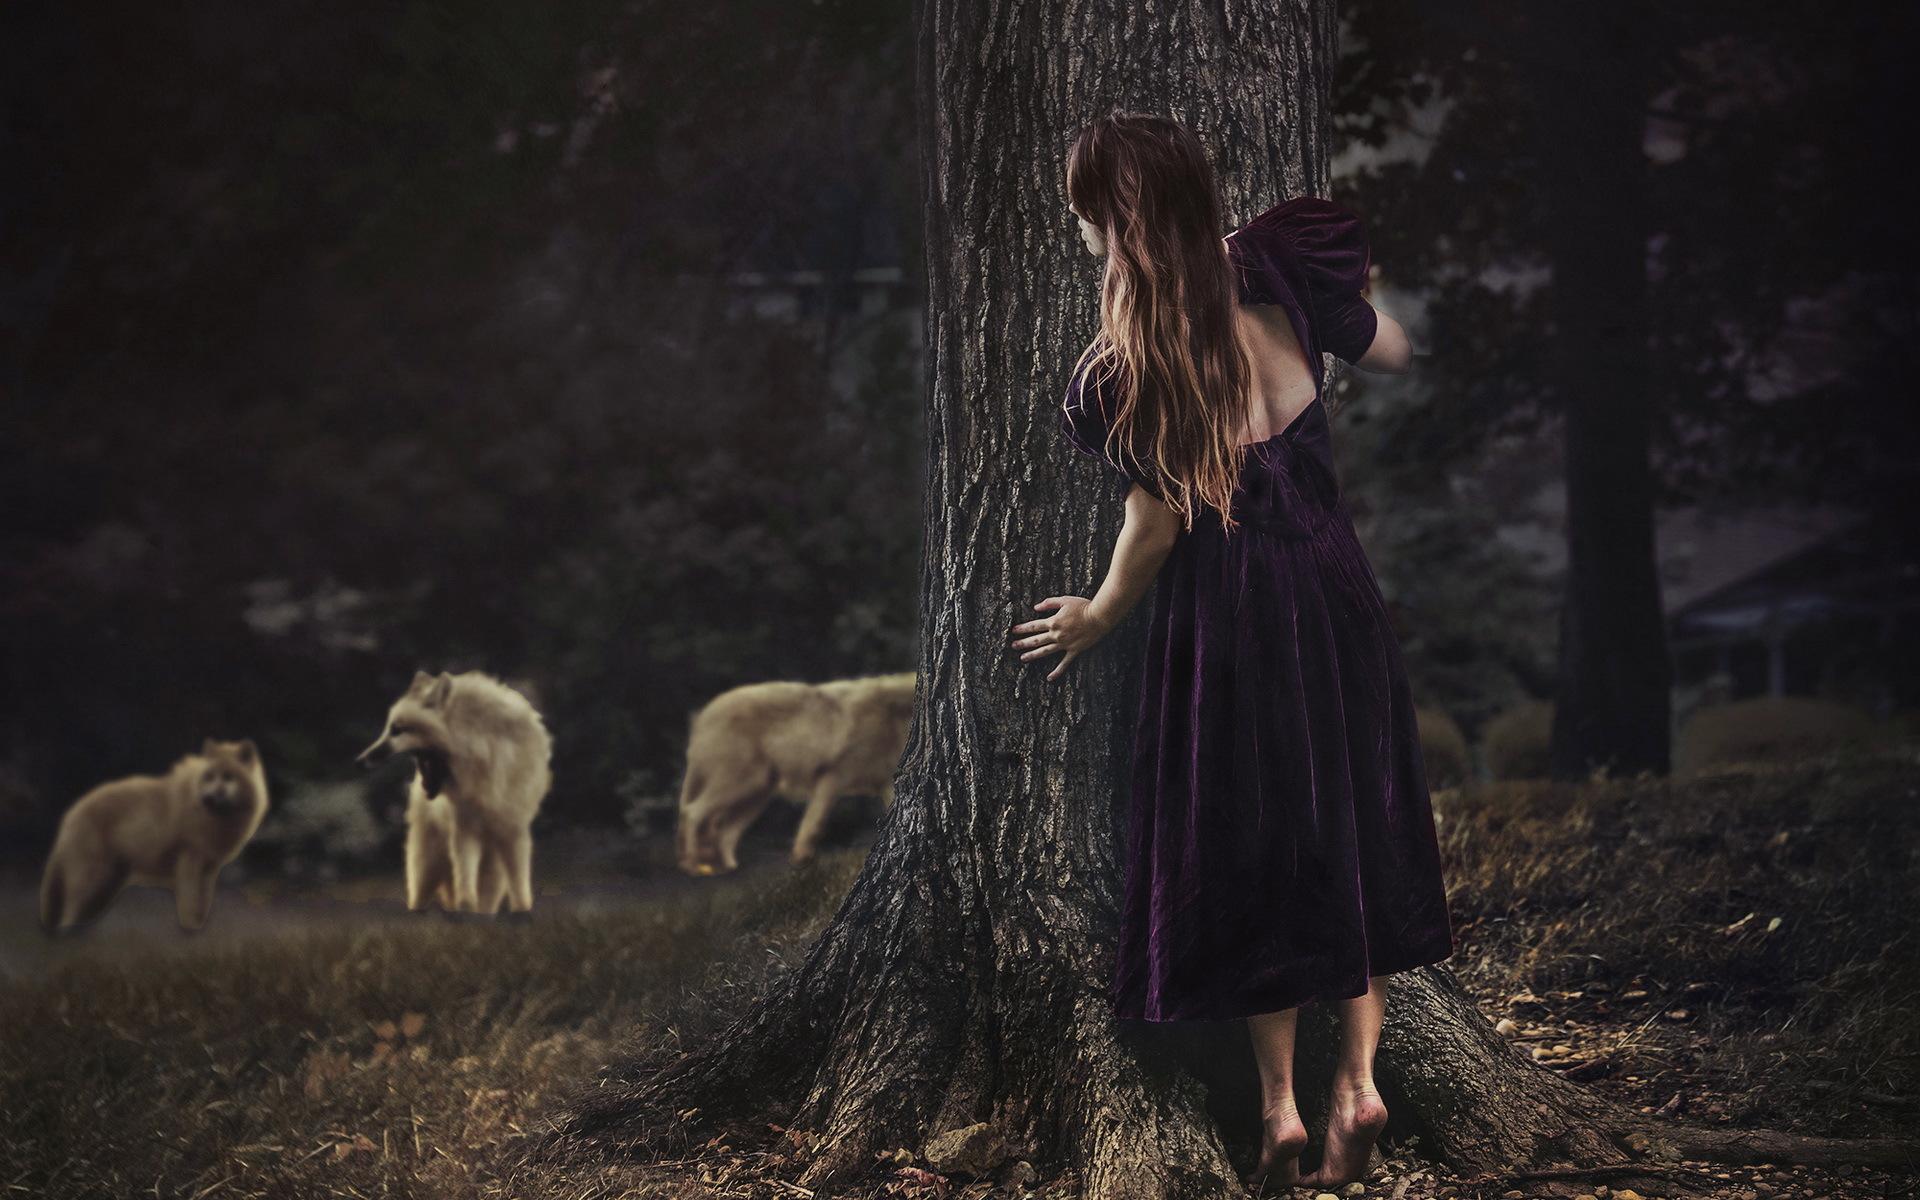 видео девушка убегает от парня в лесу тряслись